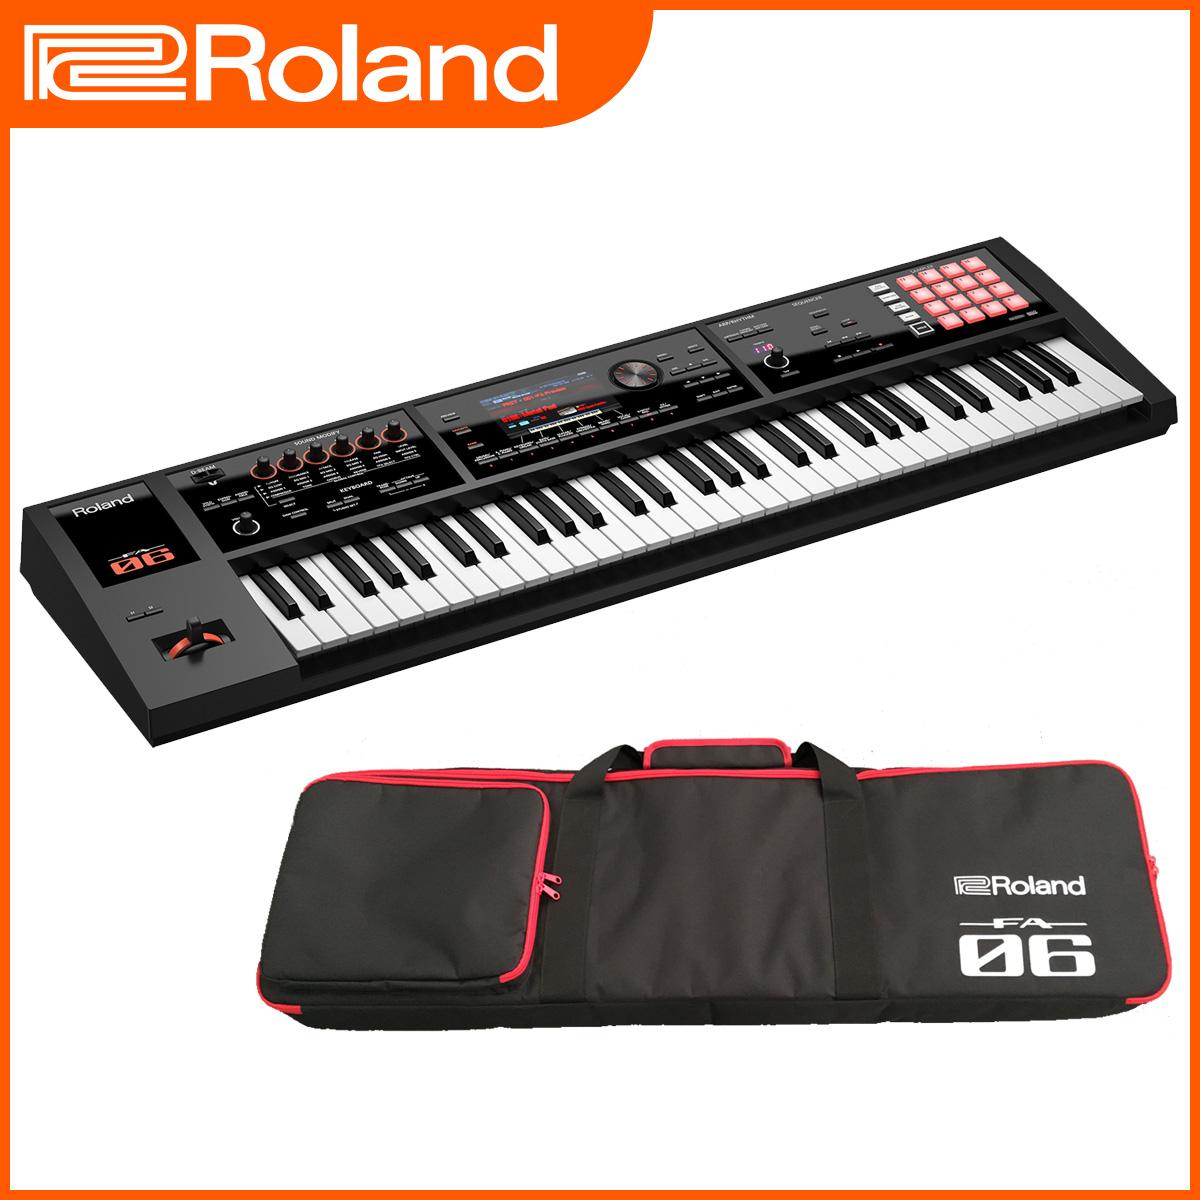 【在庫あり】Roland ローランド / FA-06 シンセサイザー(FA06) 《背負えるケース・特典付き:79395》【YRK】